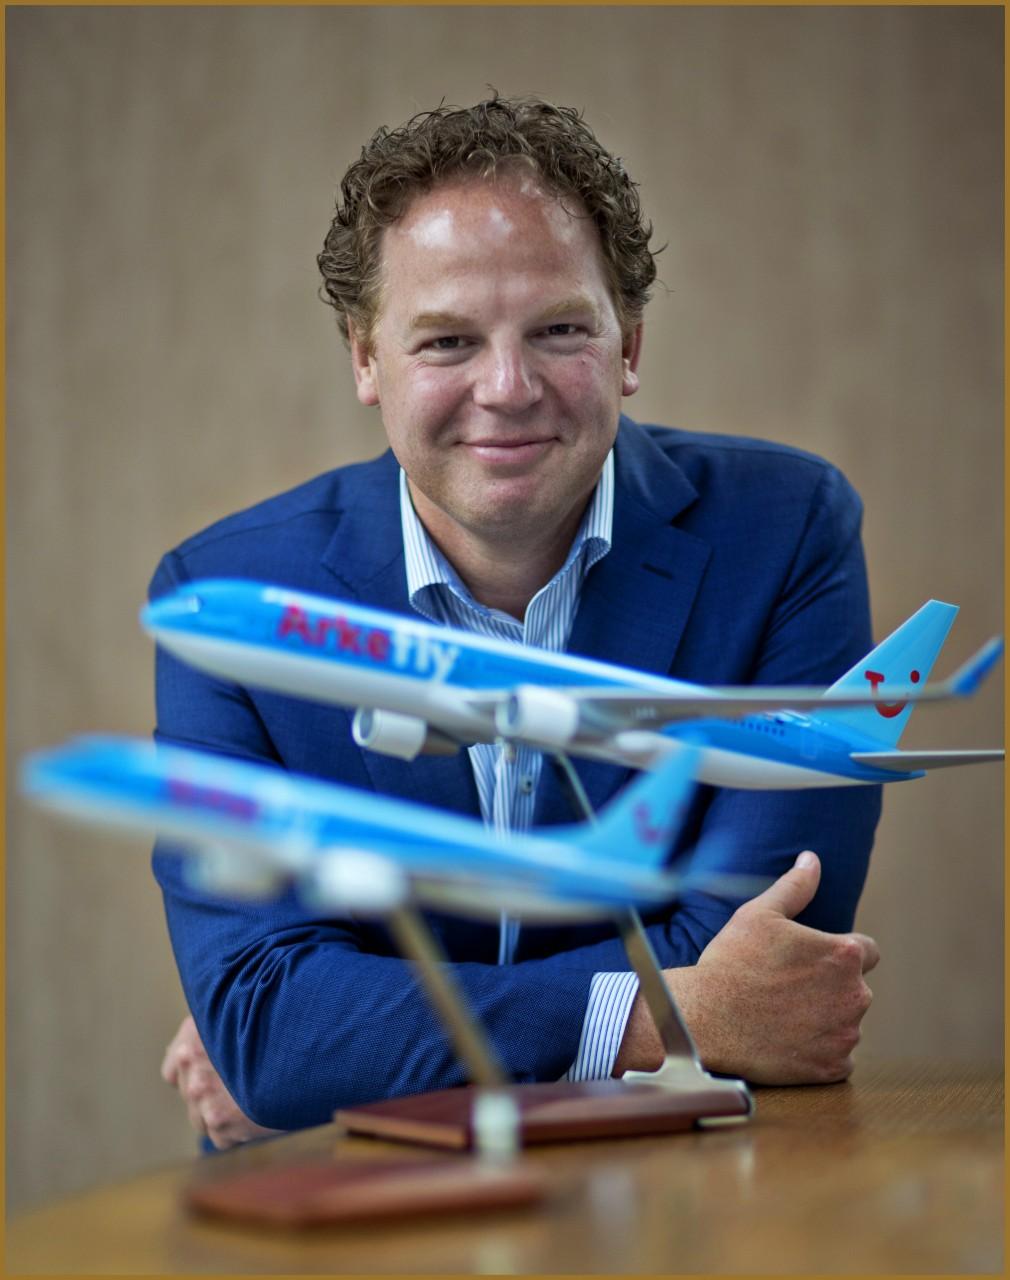 TUI directeur Steven van Nieuwenhuijzen